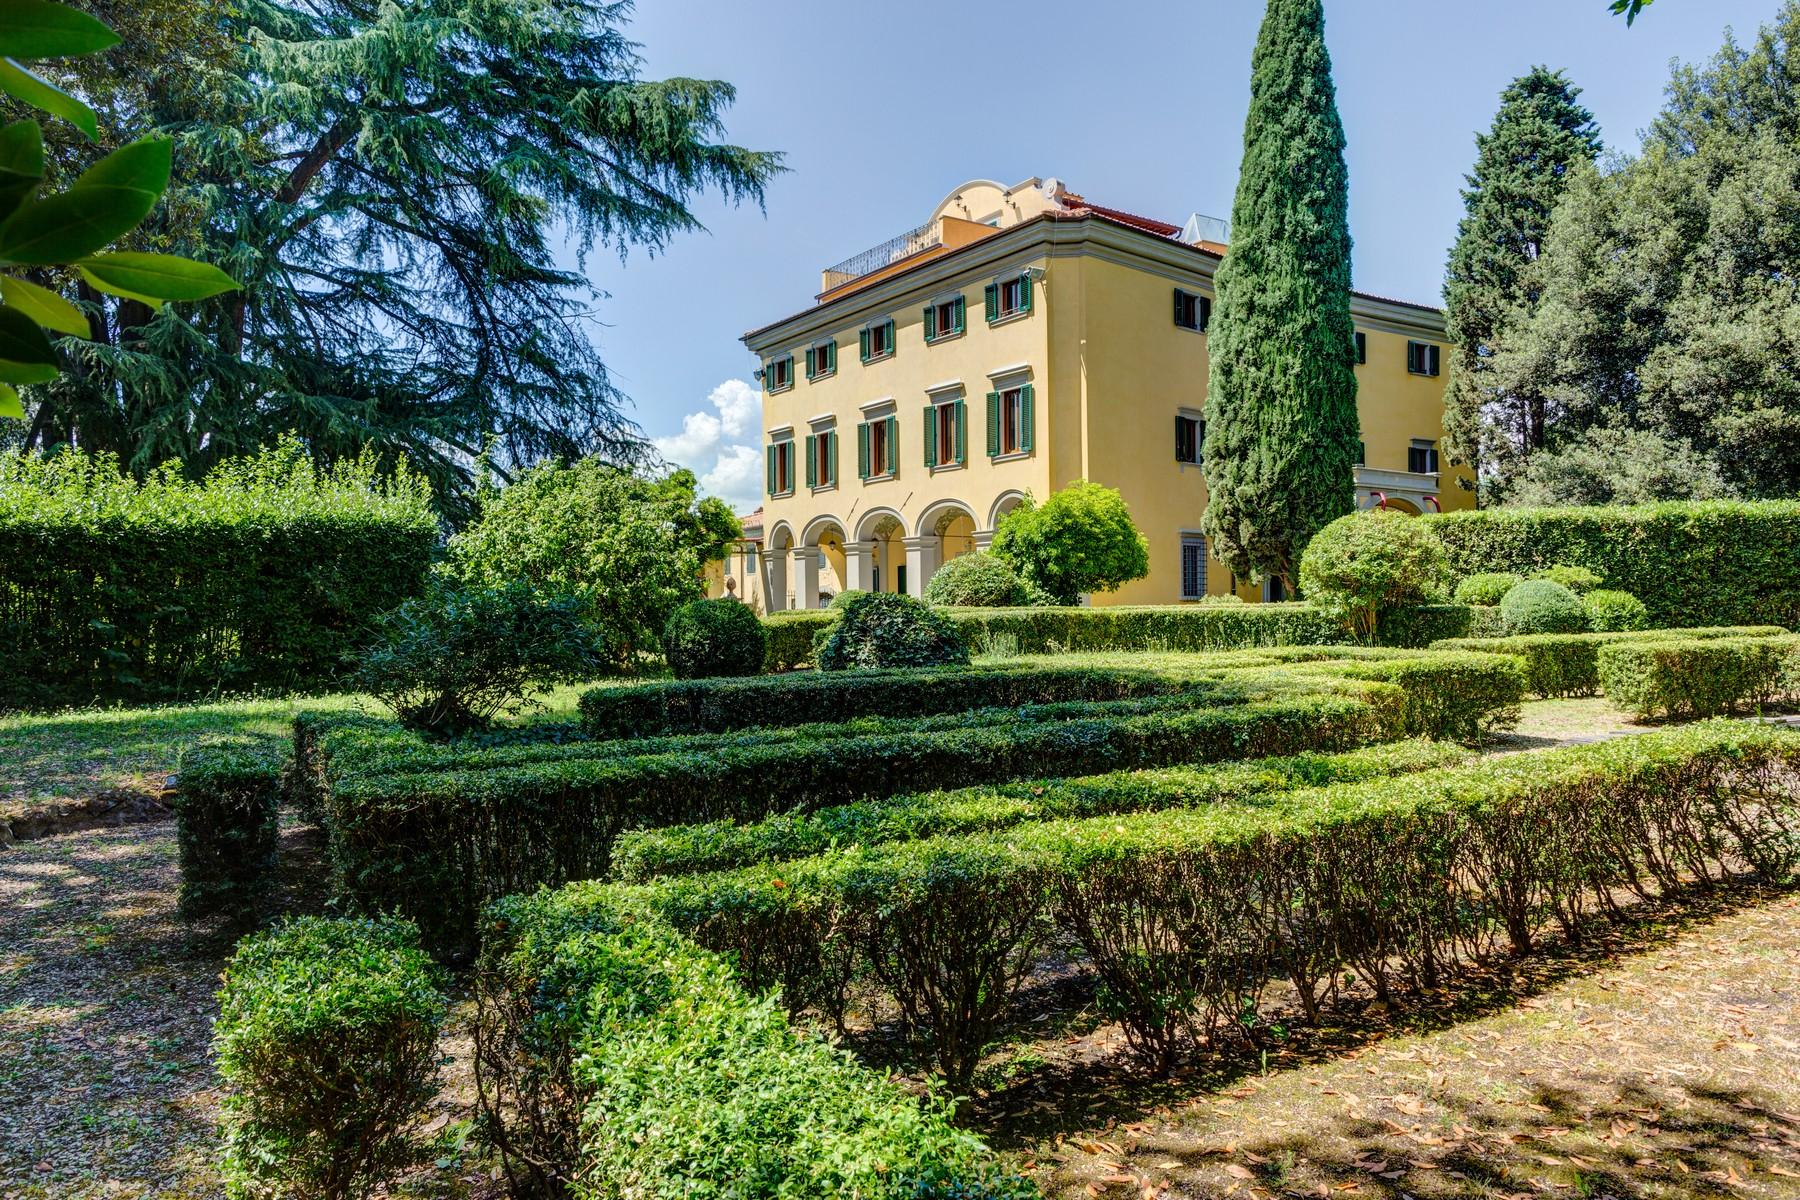 Villa in Vendita a Firenze piazza della liberta'